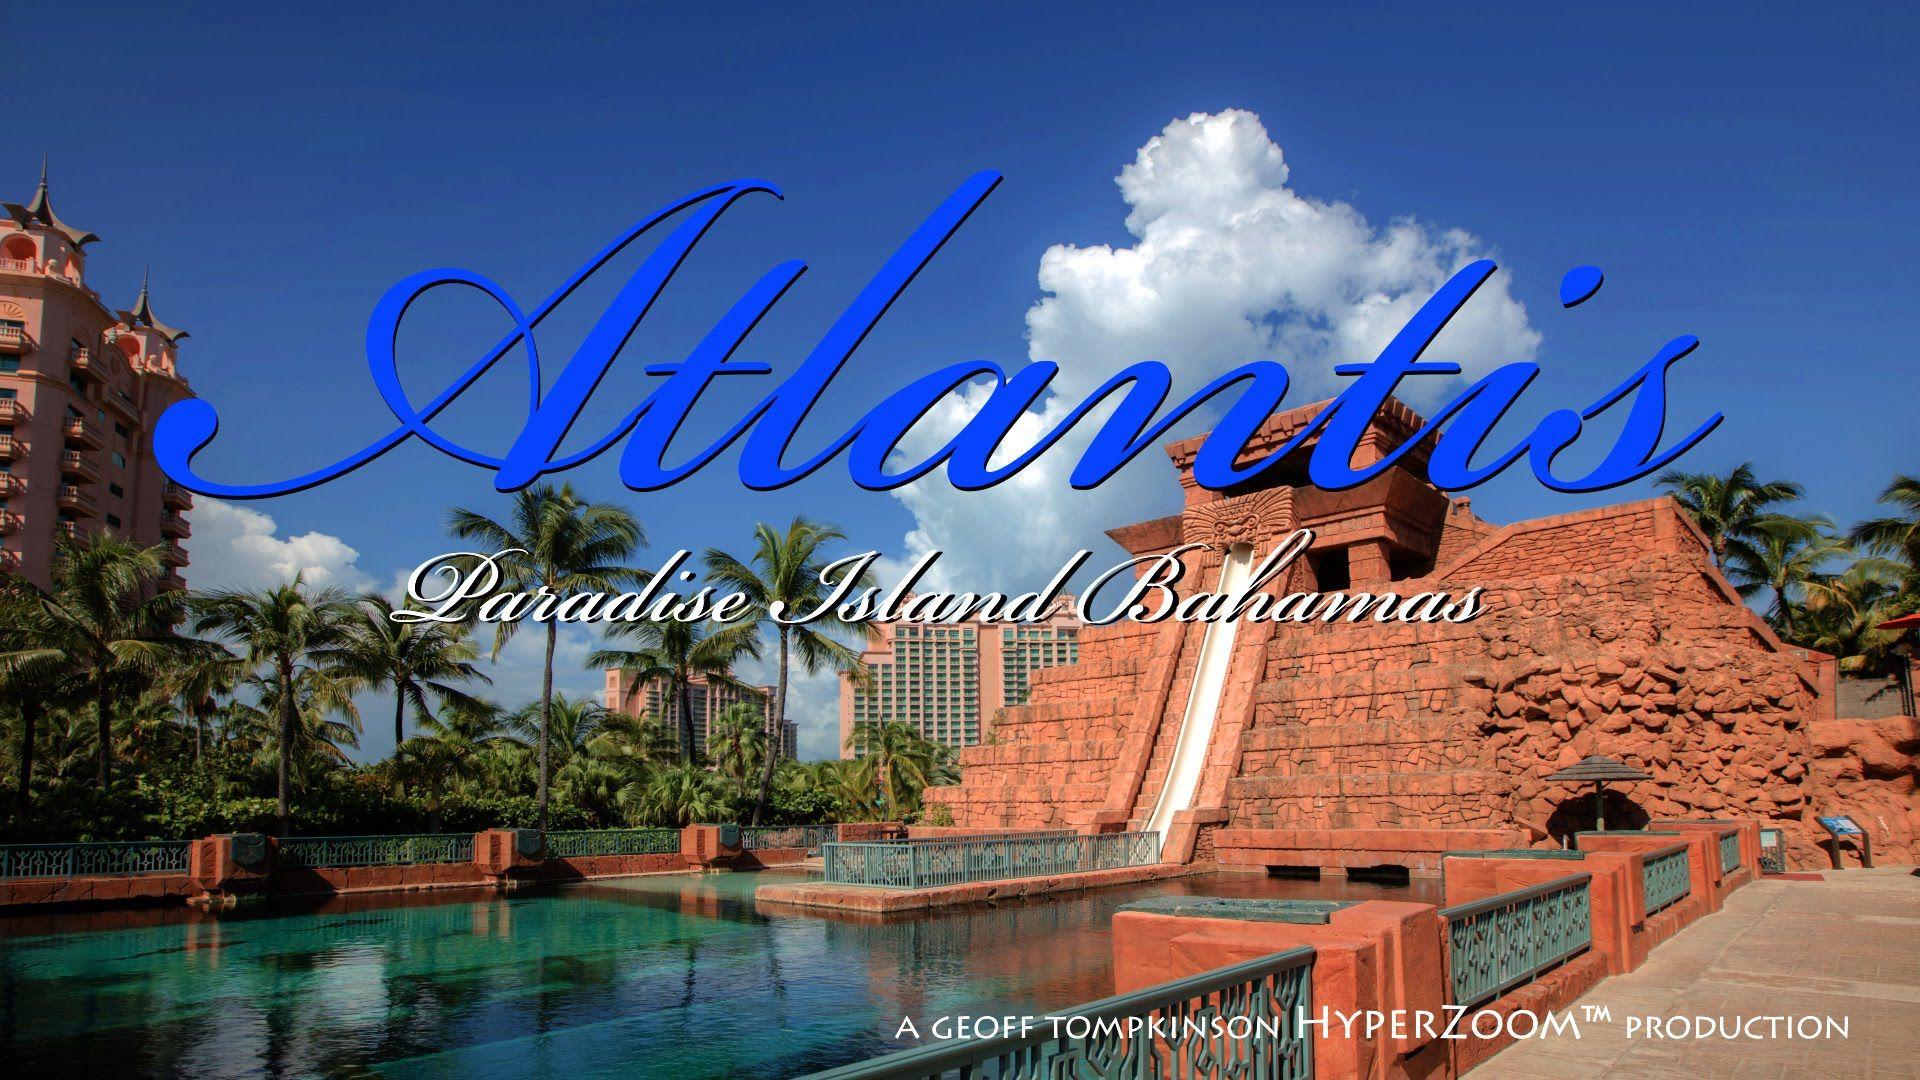 HyperZoom™ Atlantis Bahamas